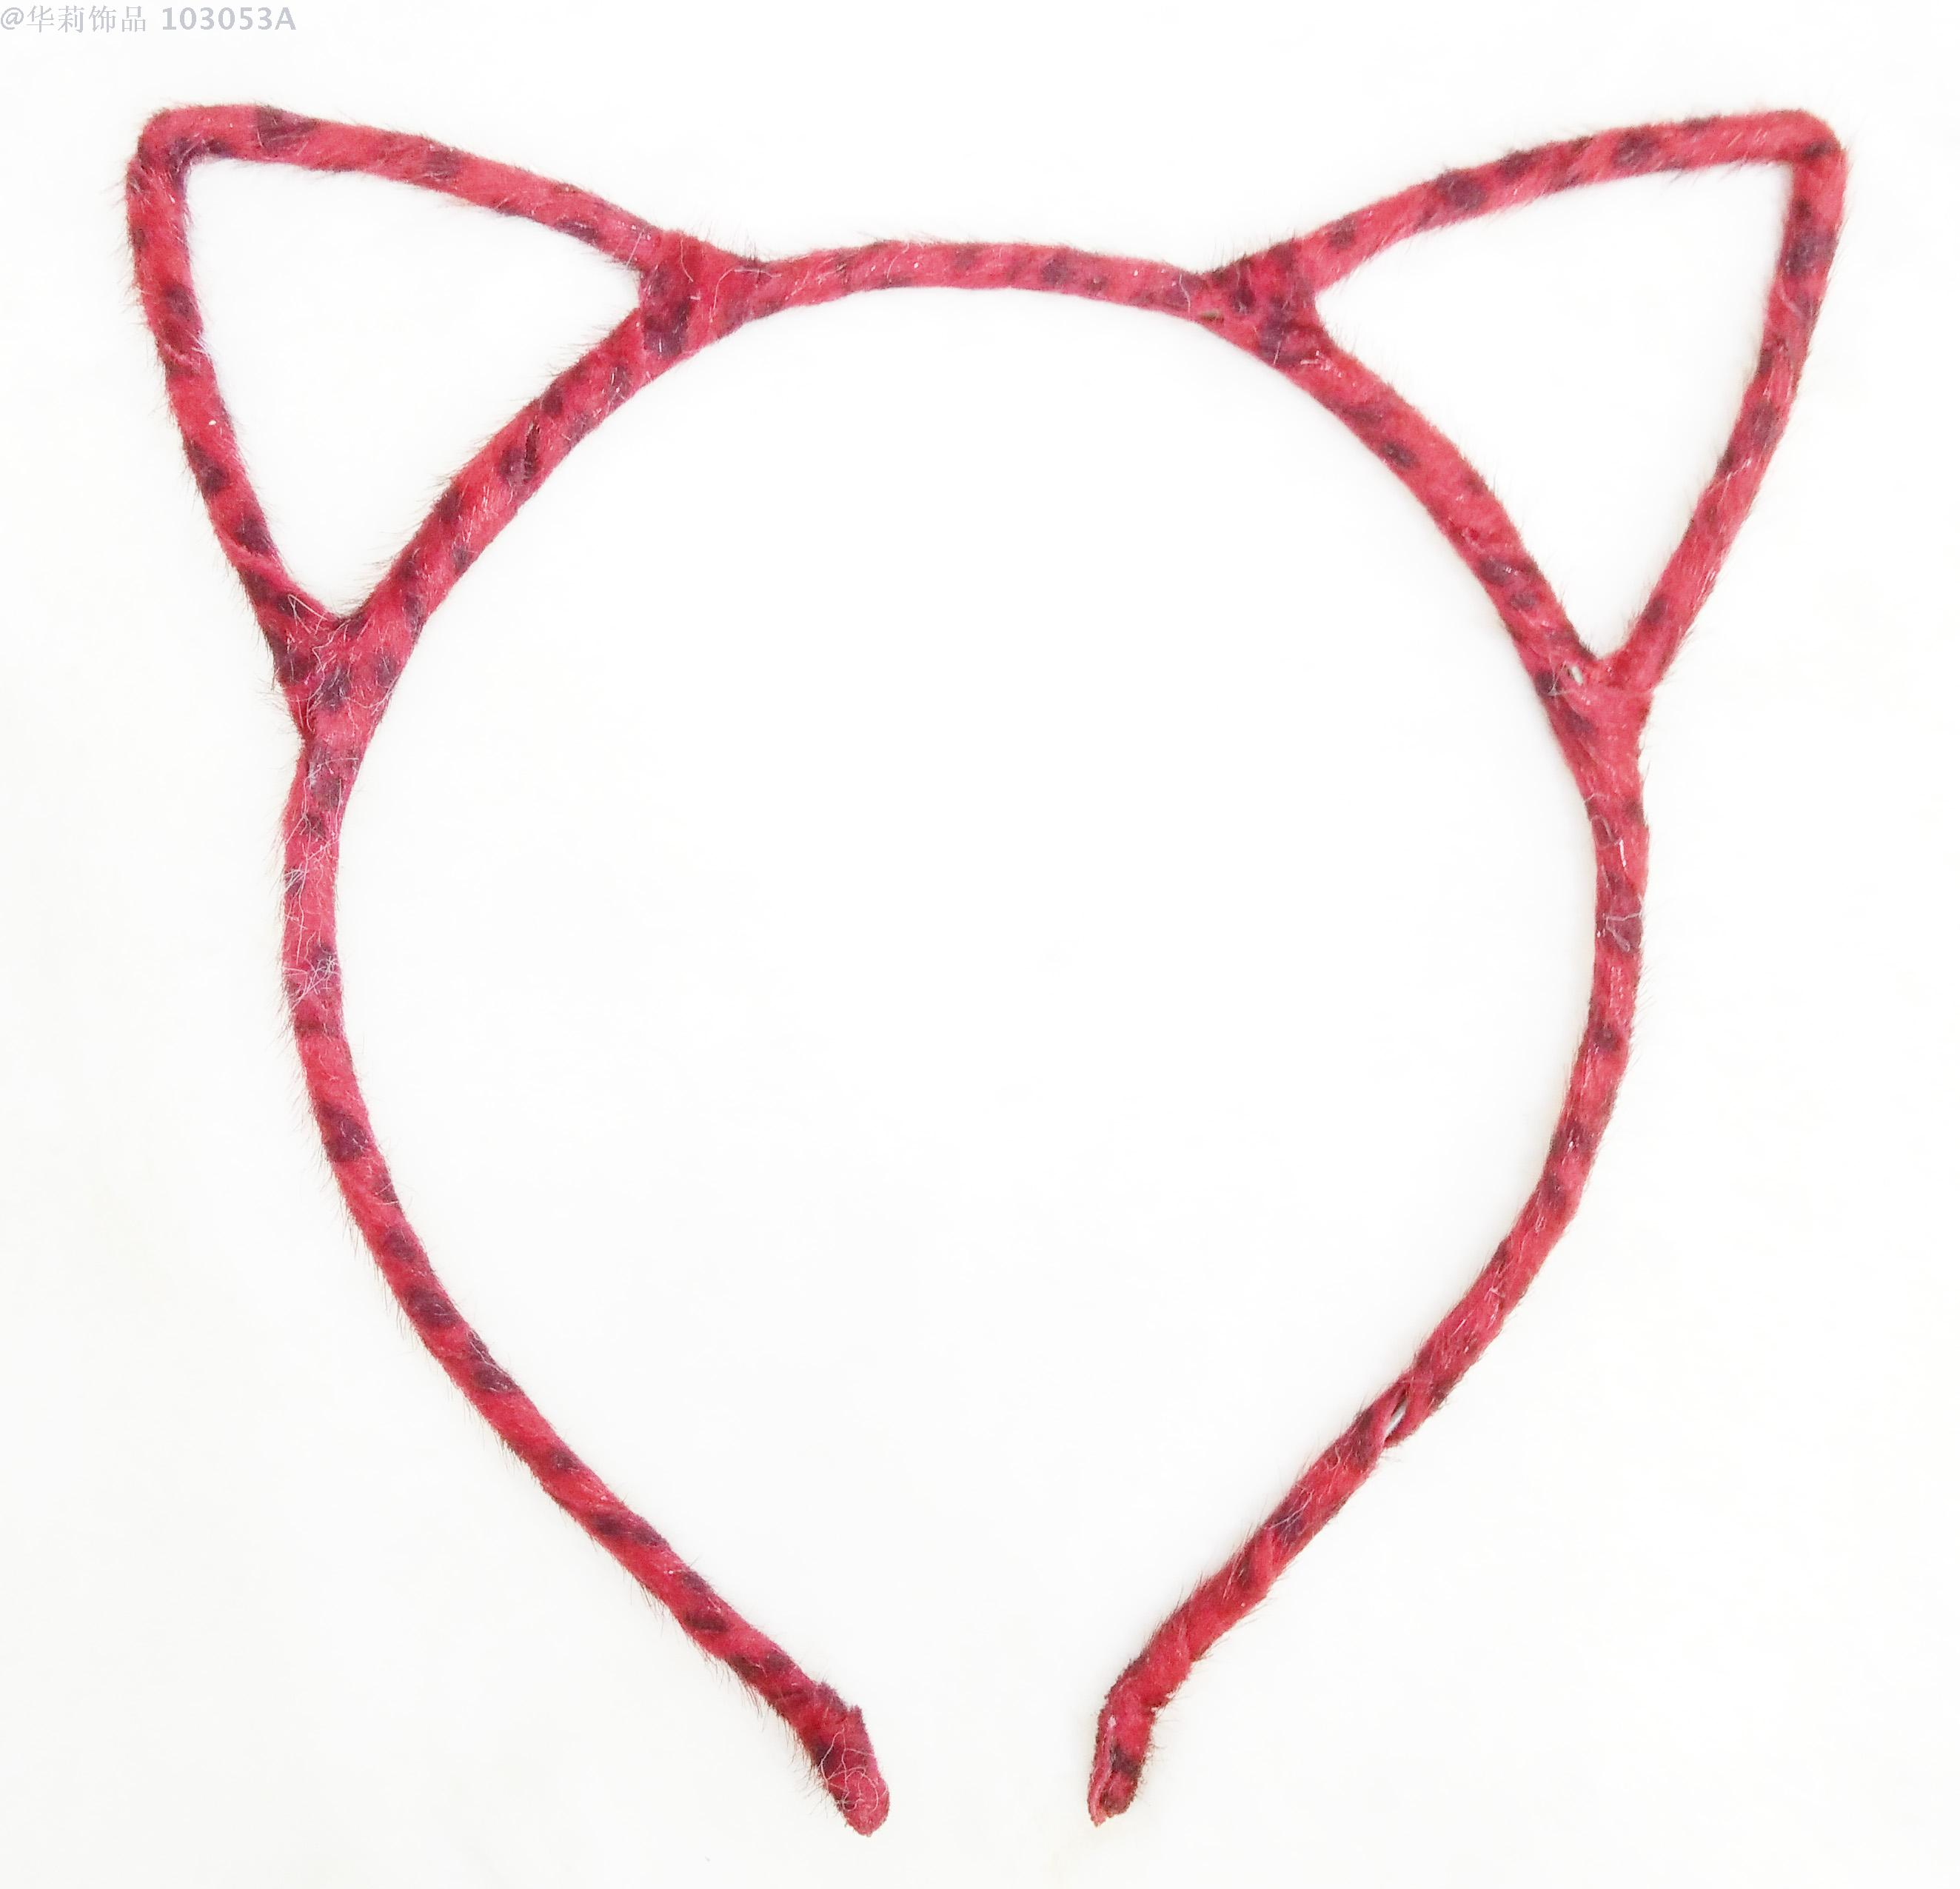 可爱猫耳朵发箍卡子细发卡头饰兔耳朵头箍发饰 厂家